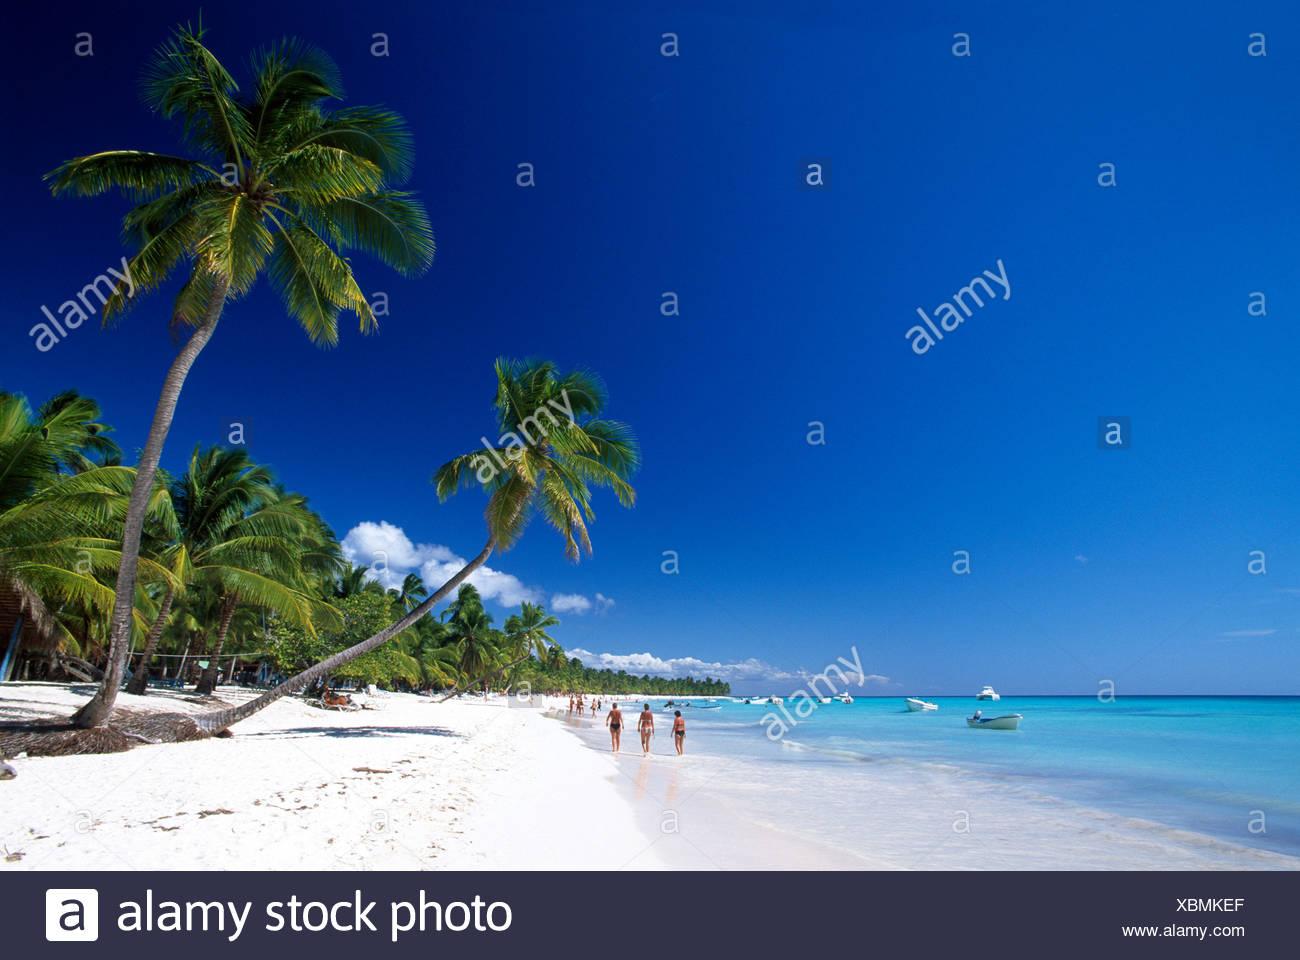 À l'extérieur, la cathédrale, le dôme, REP, la République dominicaine, à l'extérieur, à l'extérieur, island, l'île de Saona,, Isla Saona, Caraïbes, Antilles, Photo Stock